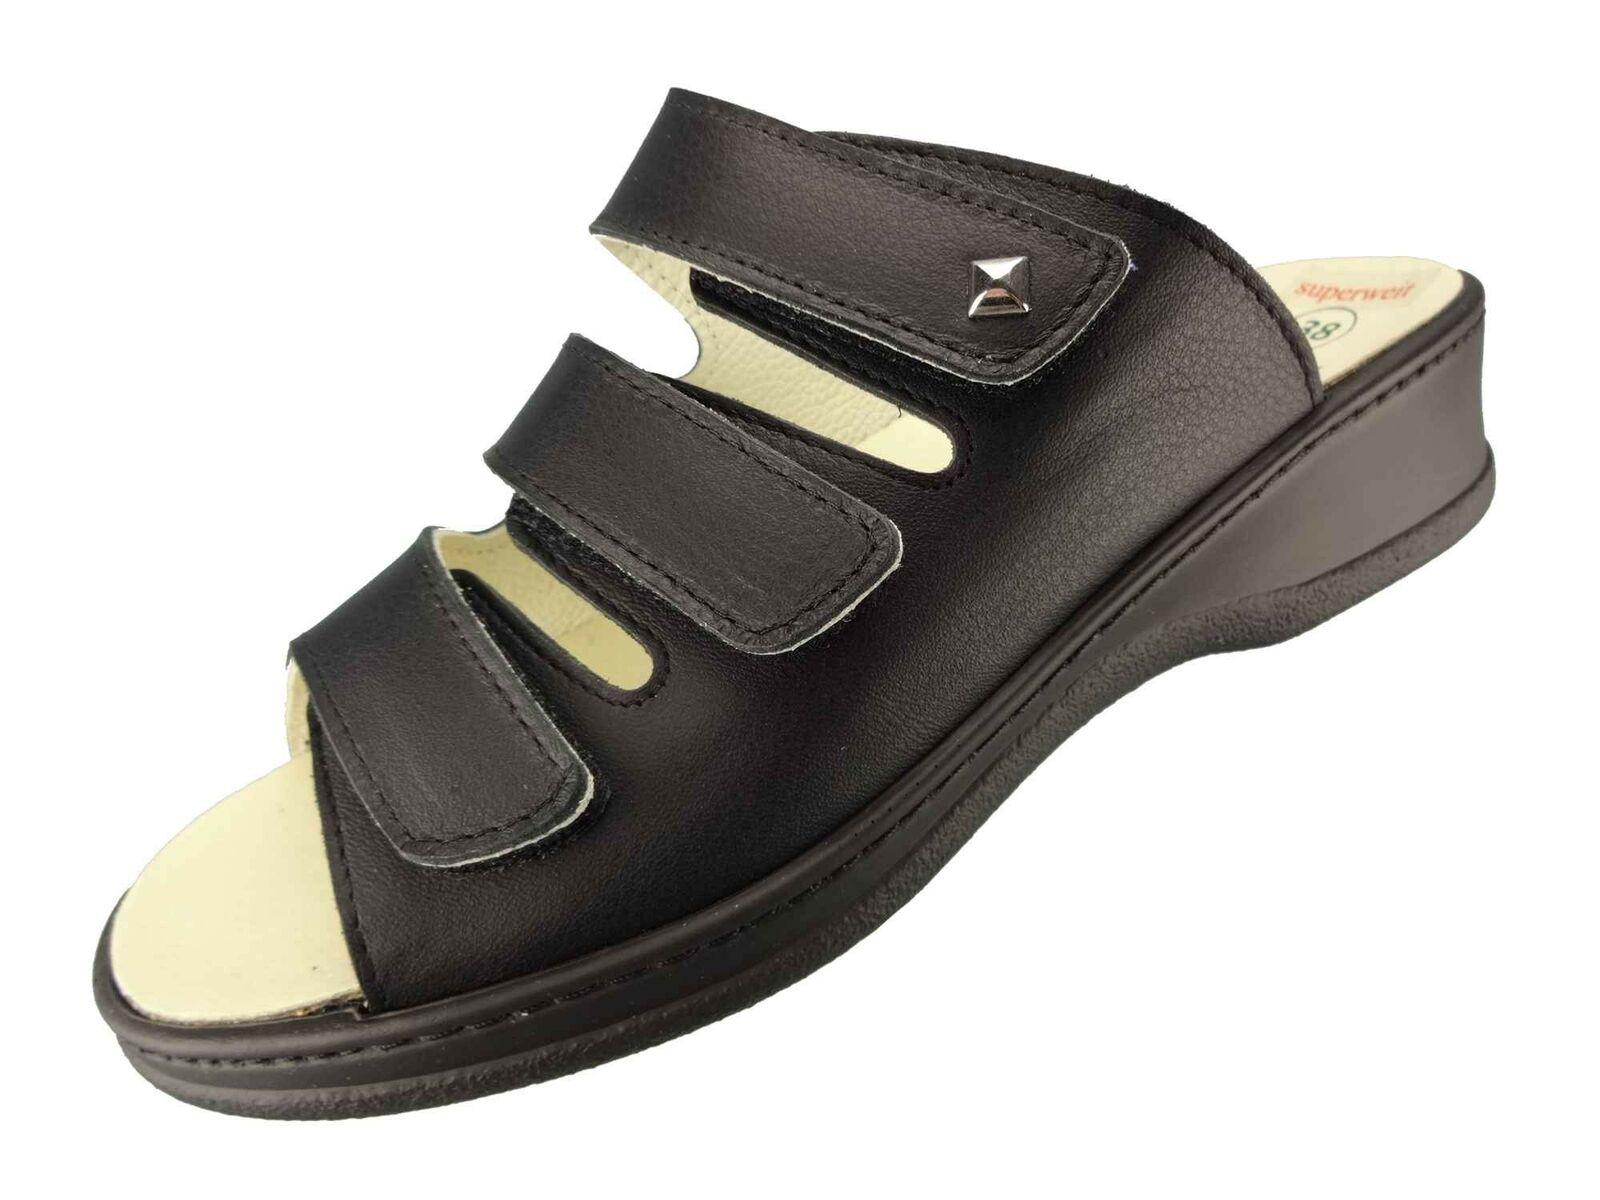 Algemare Damen Pantolette mit Absatz superweit Sandale Wechselfußbett 4238_0101